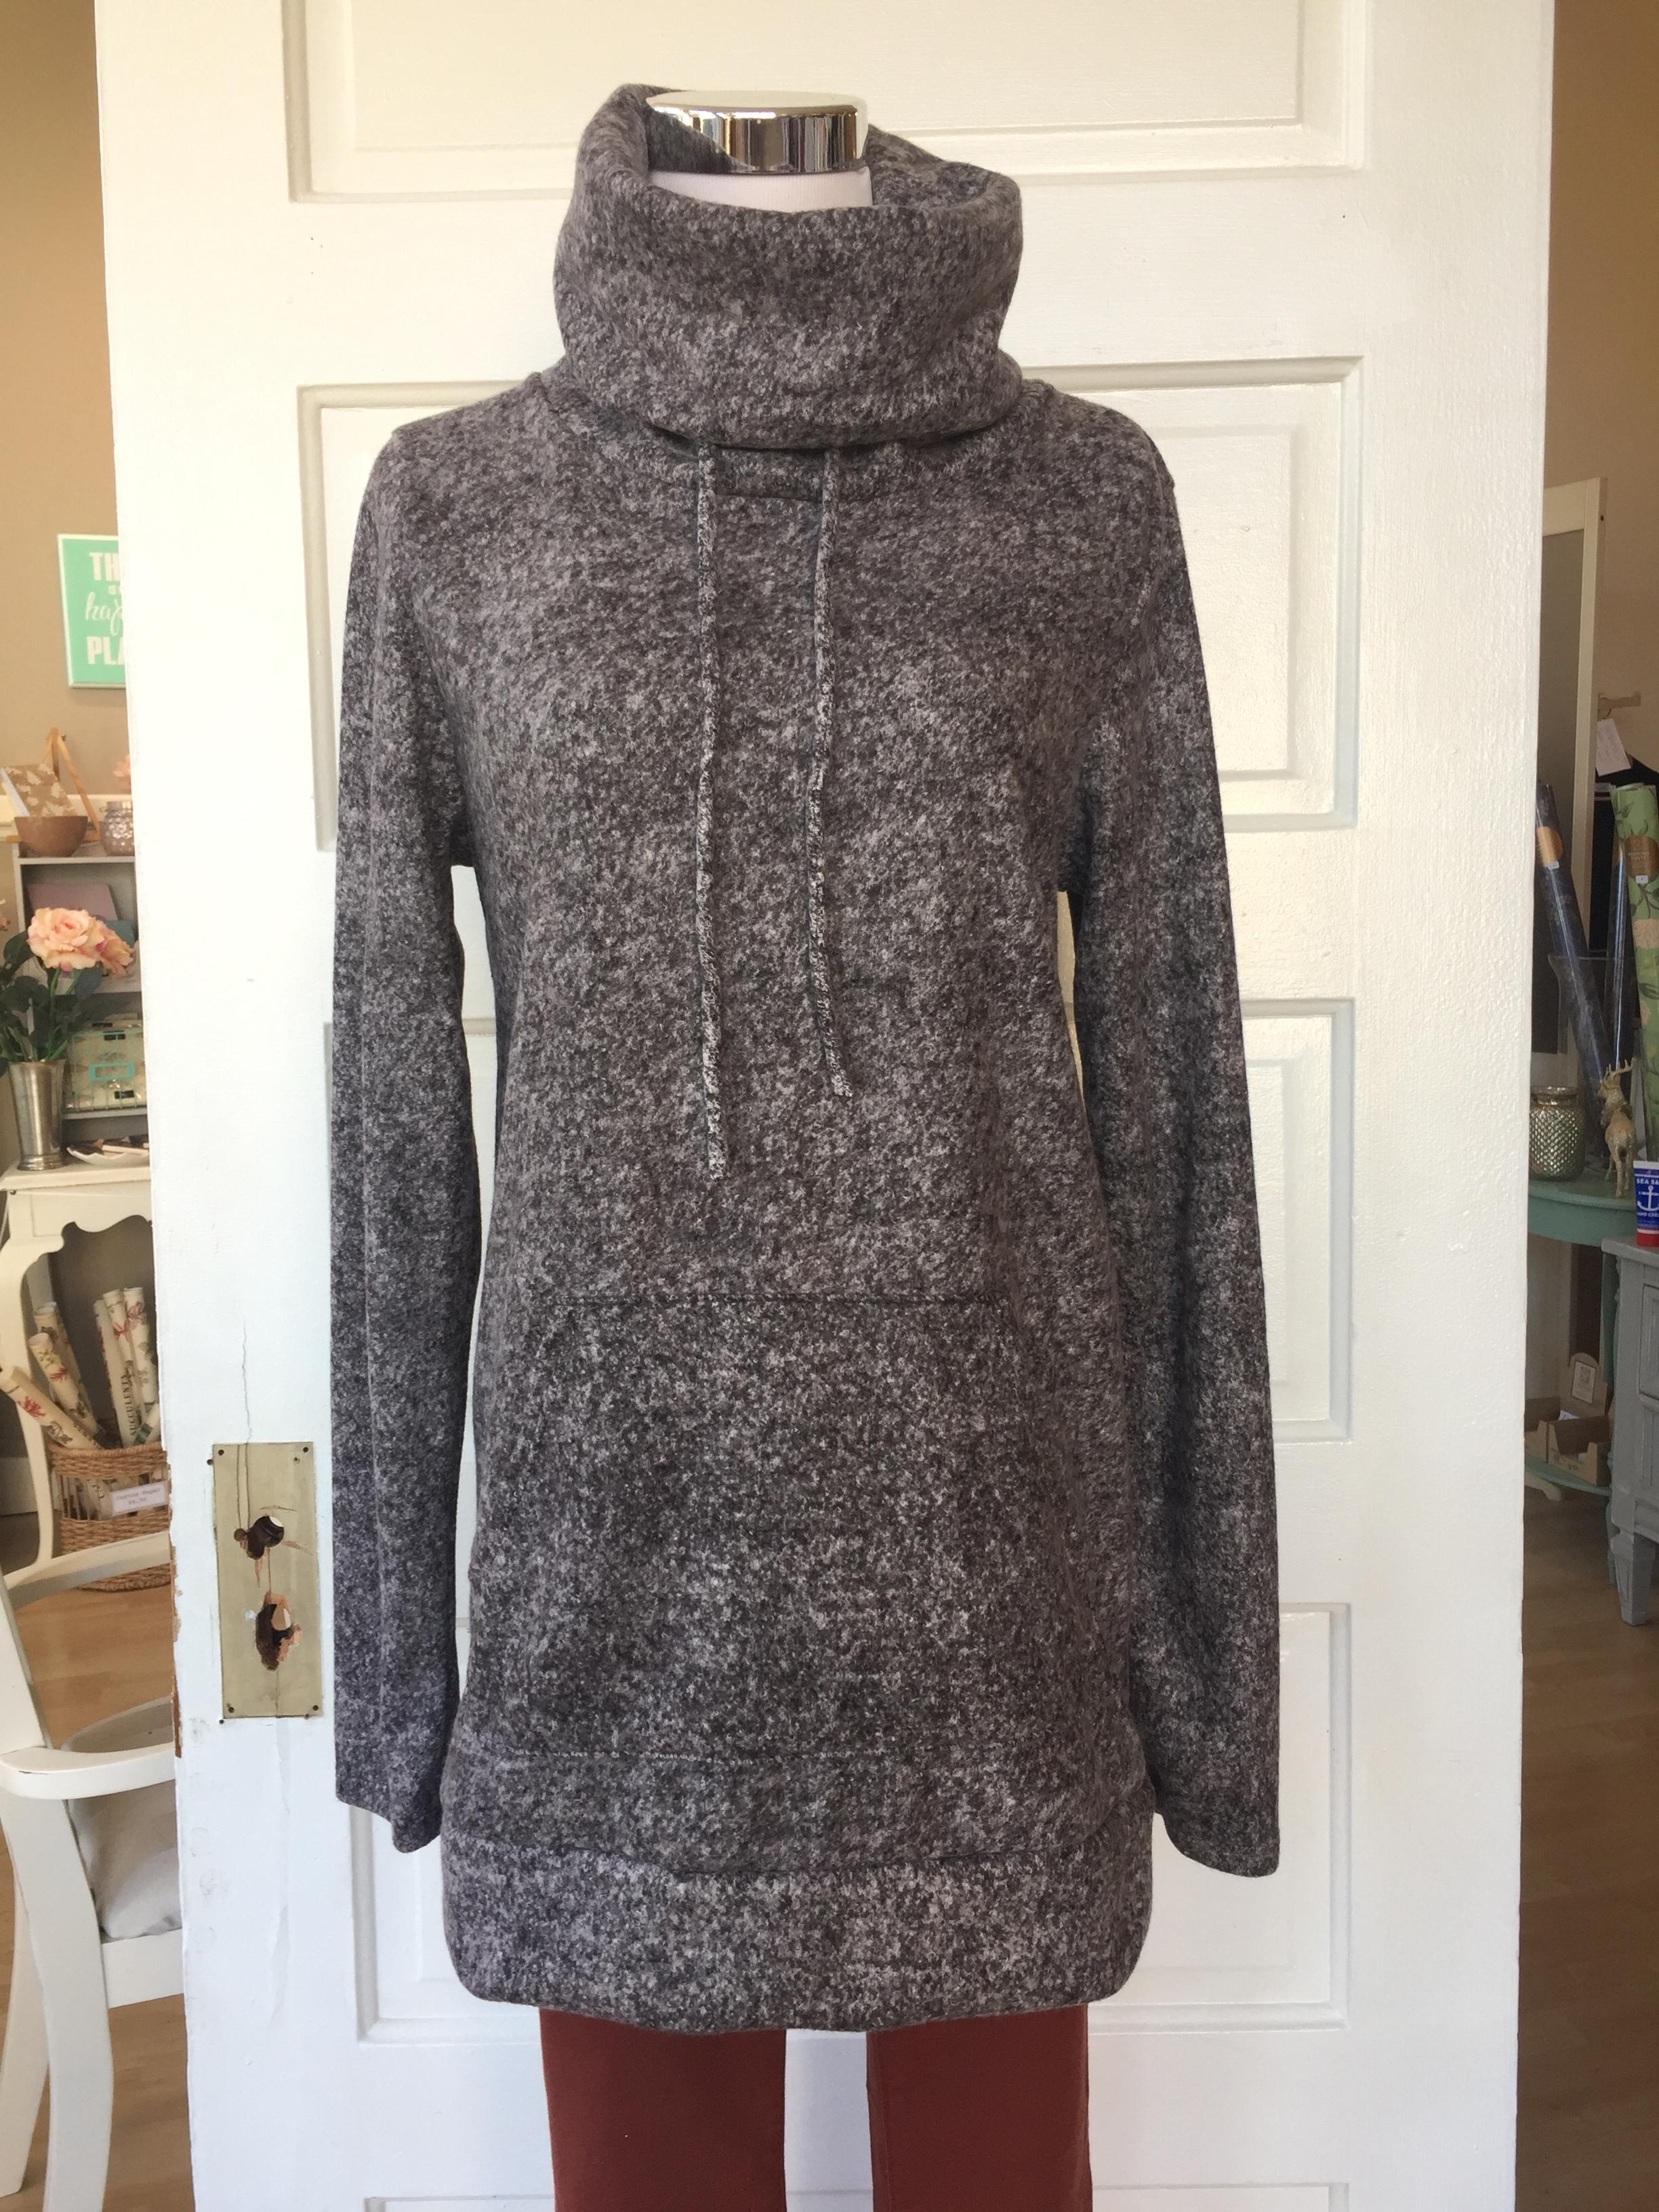 Heather Cowl Sweatshirt ($35)